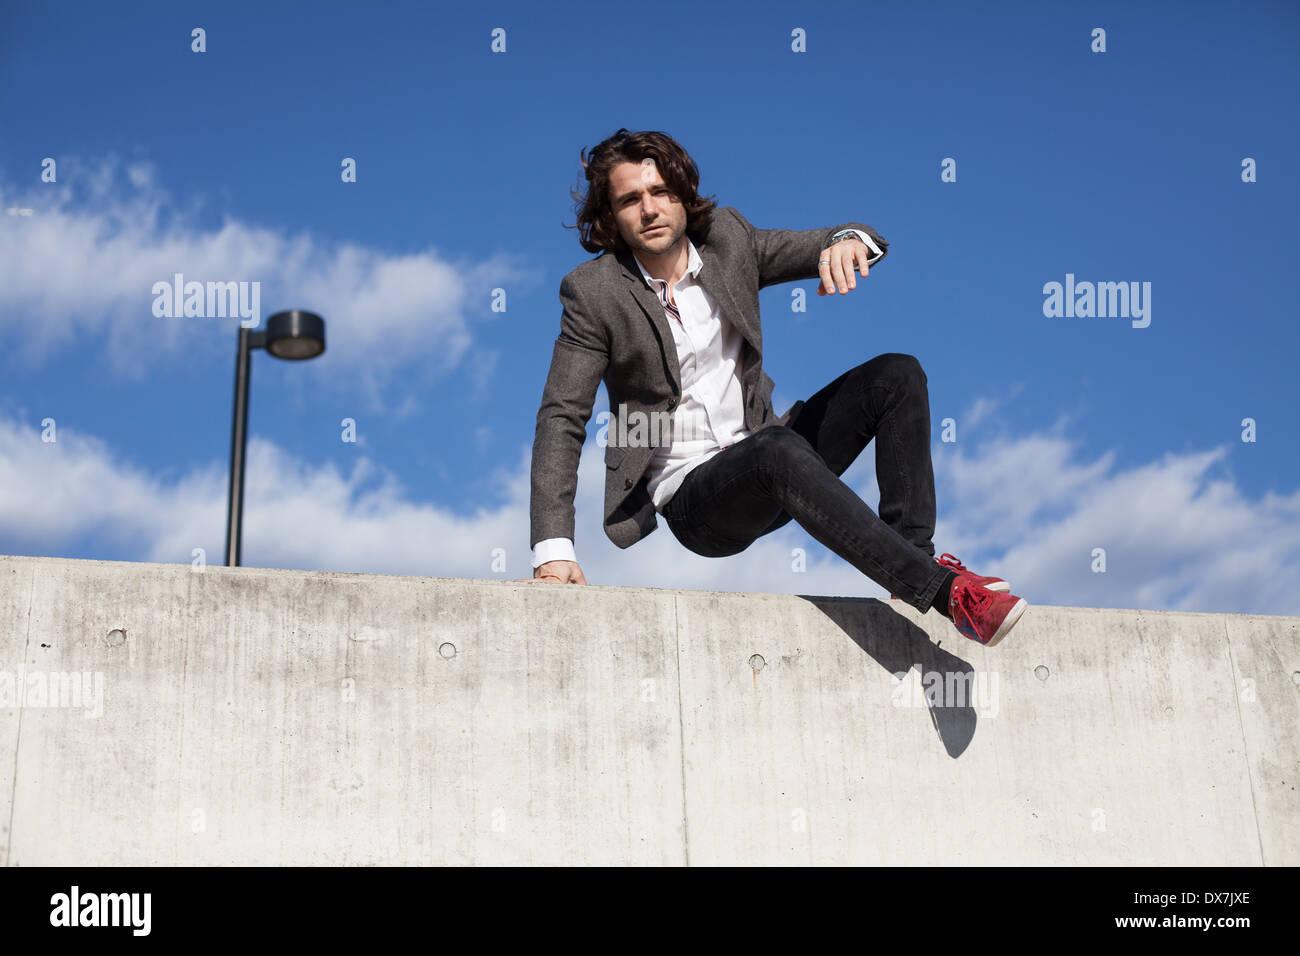 Une jeune modèle masculin sur un mur de béton avec ciel bleu derrière Photo Stock